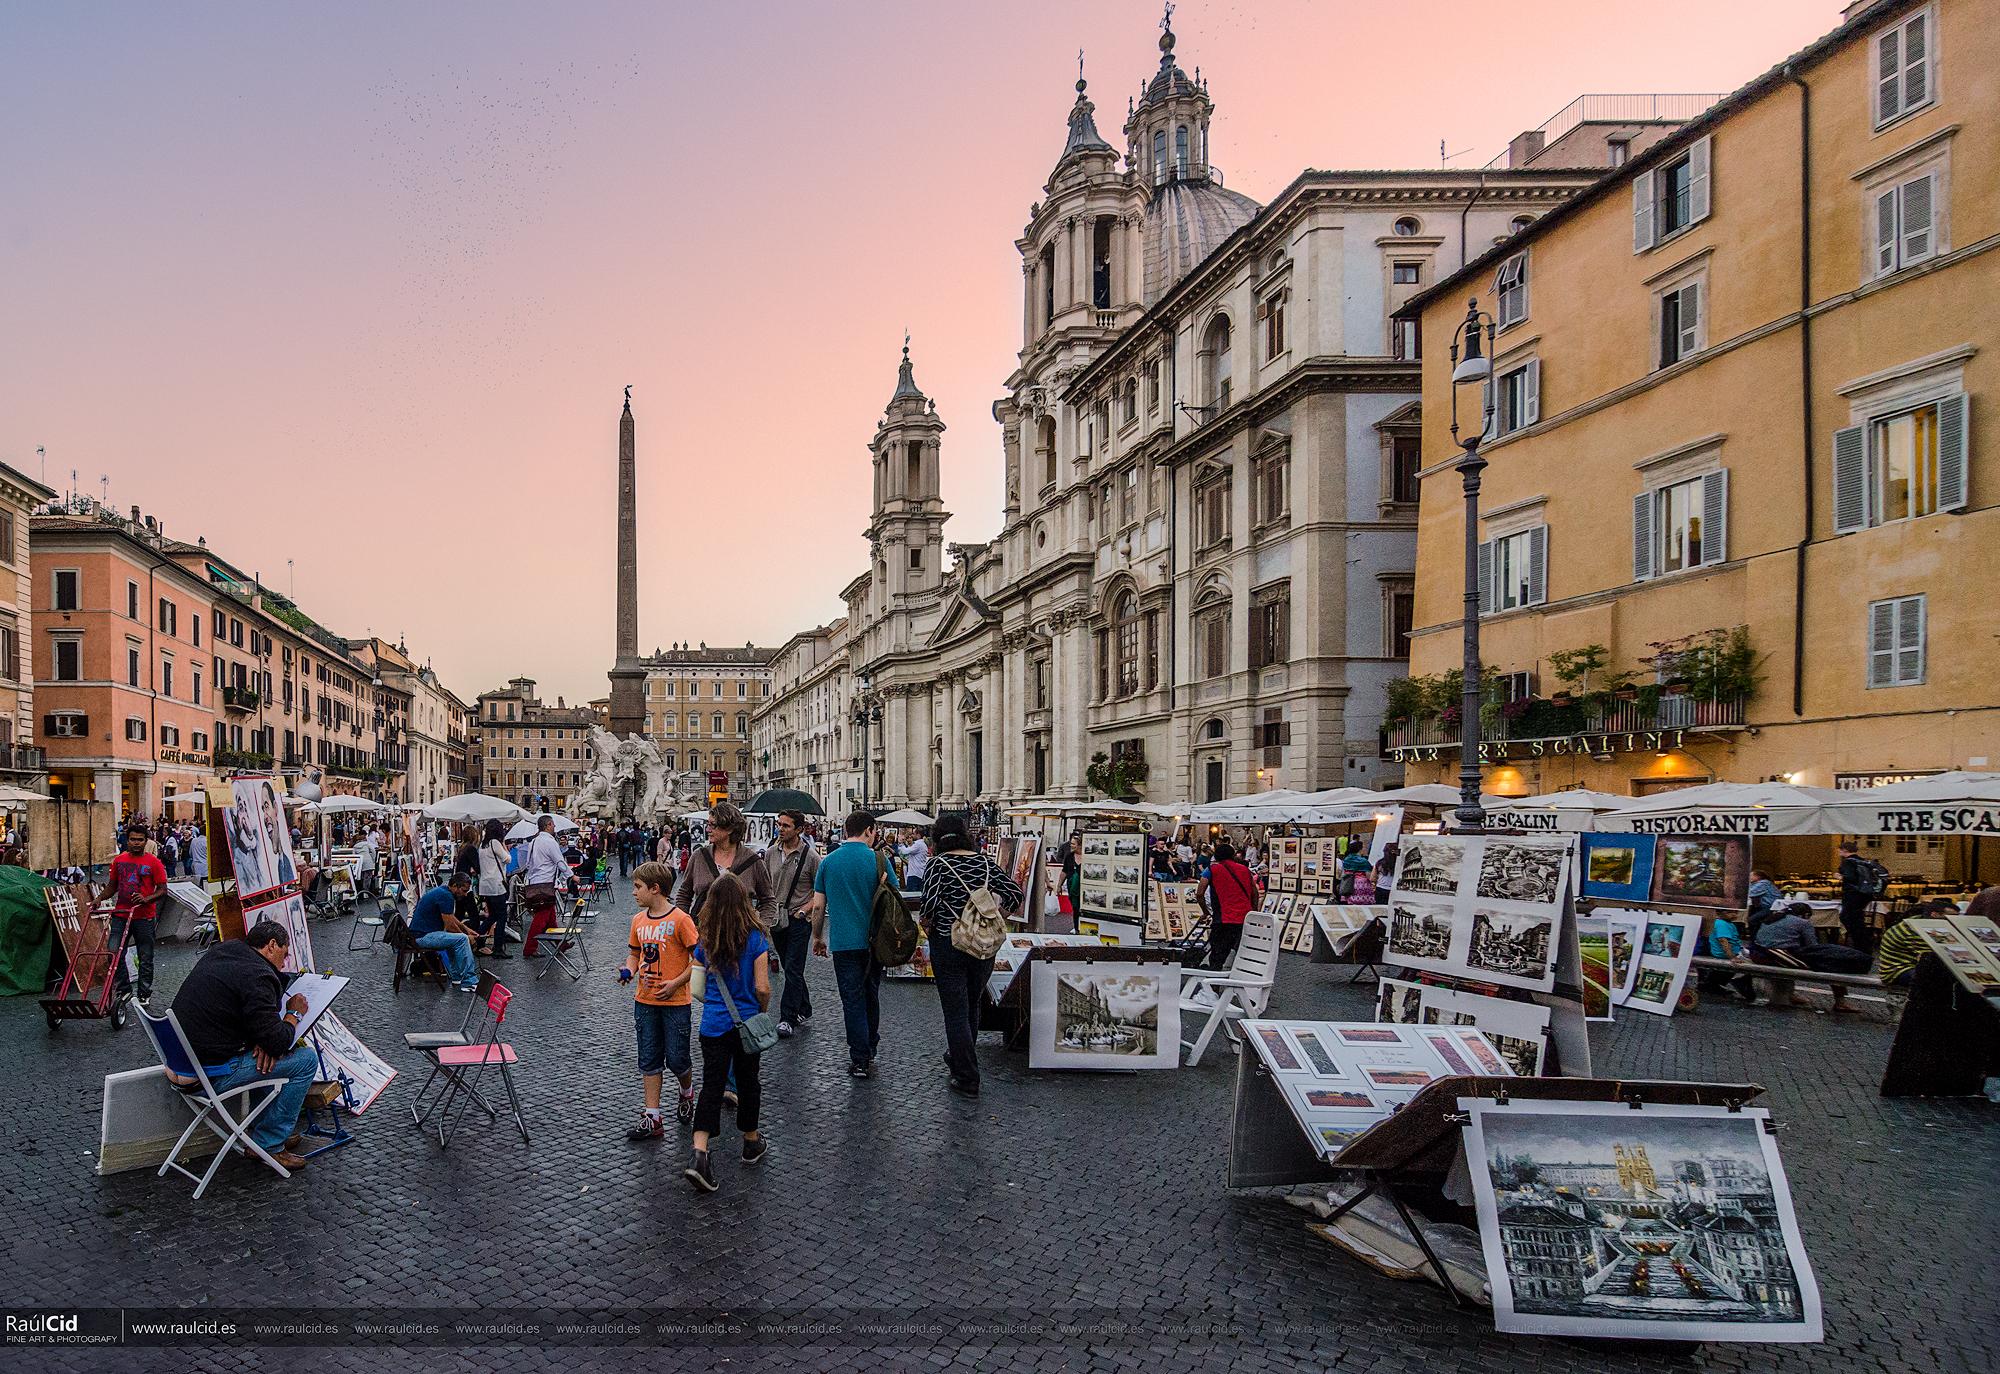 Piazza Navona al atardecer